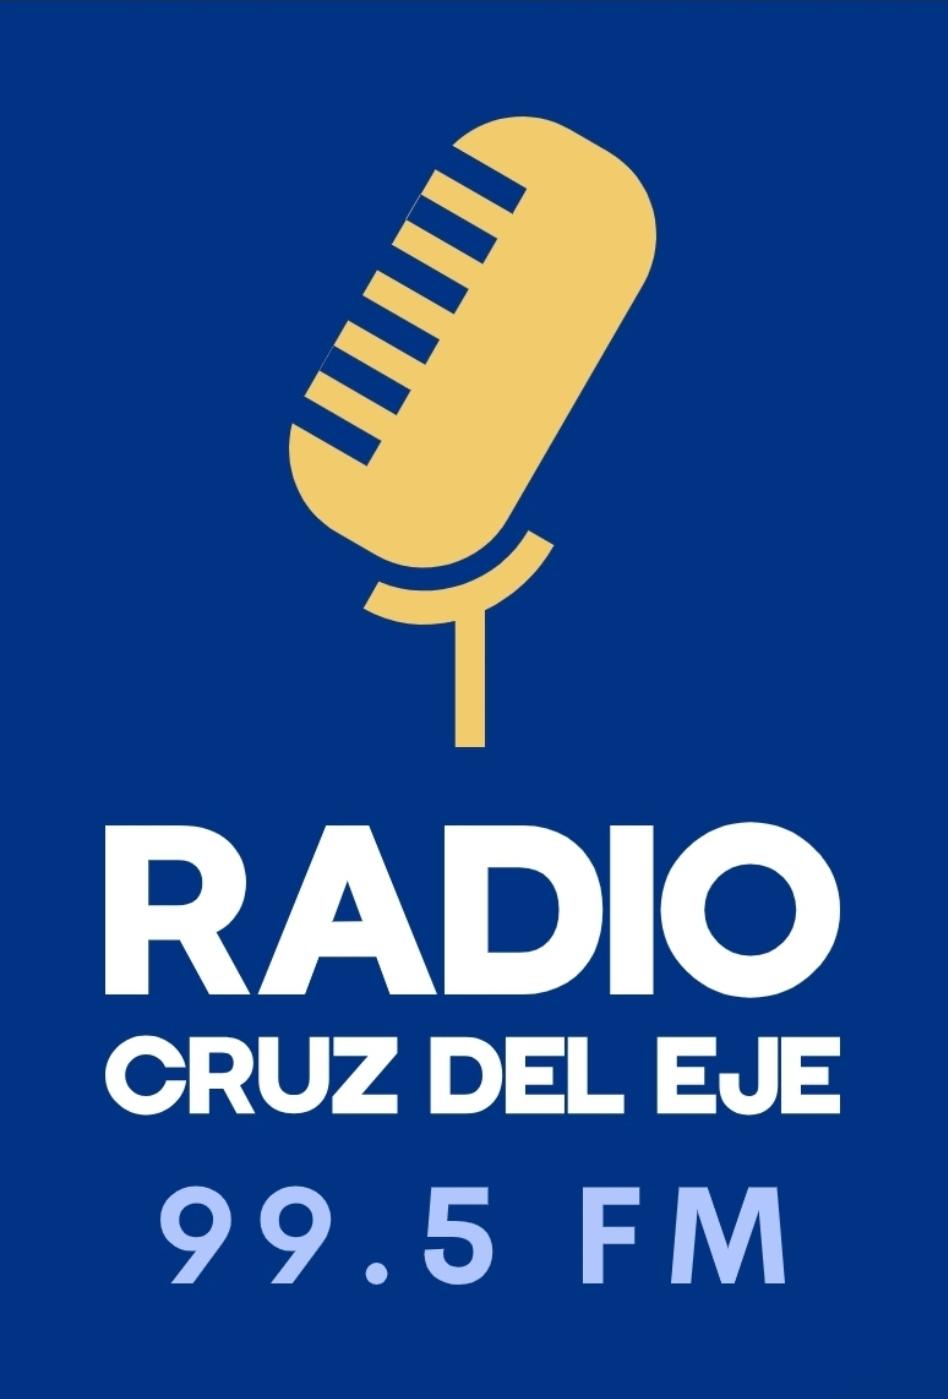 www.radiocruzdeleje995.com.ar